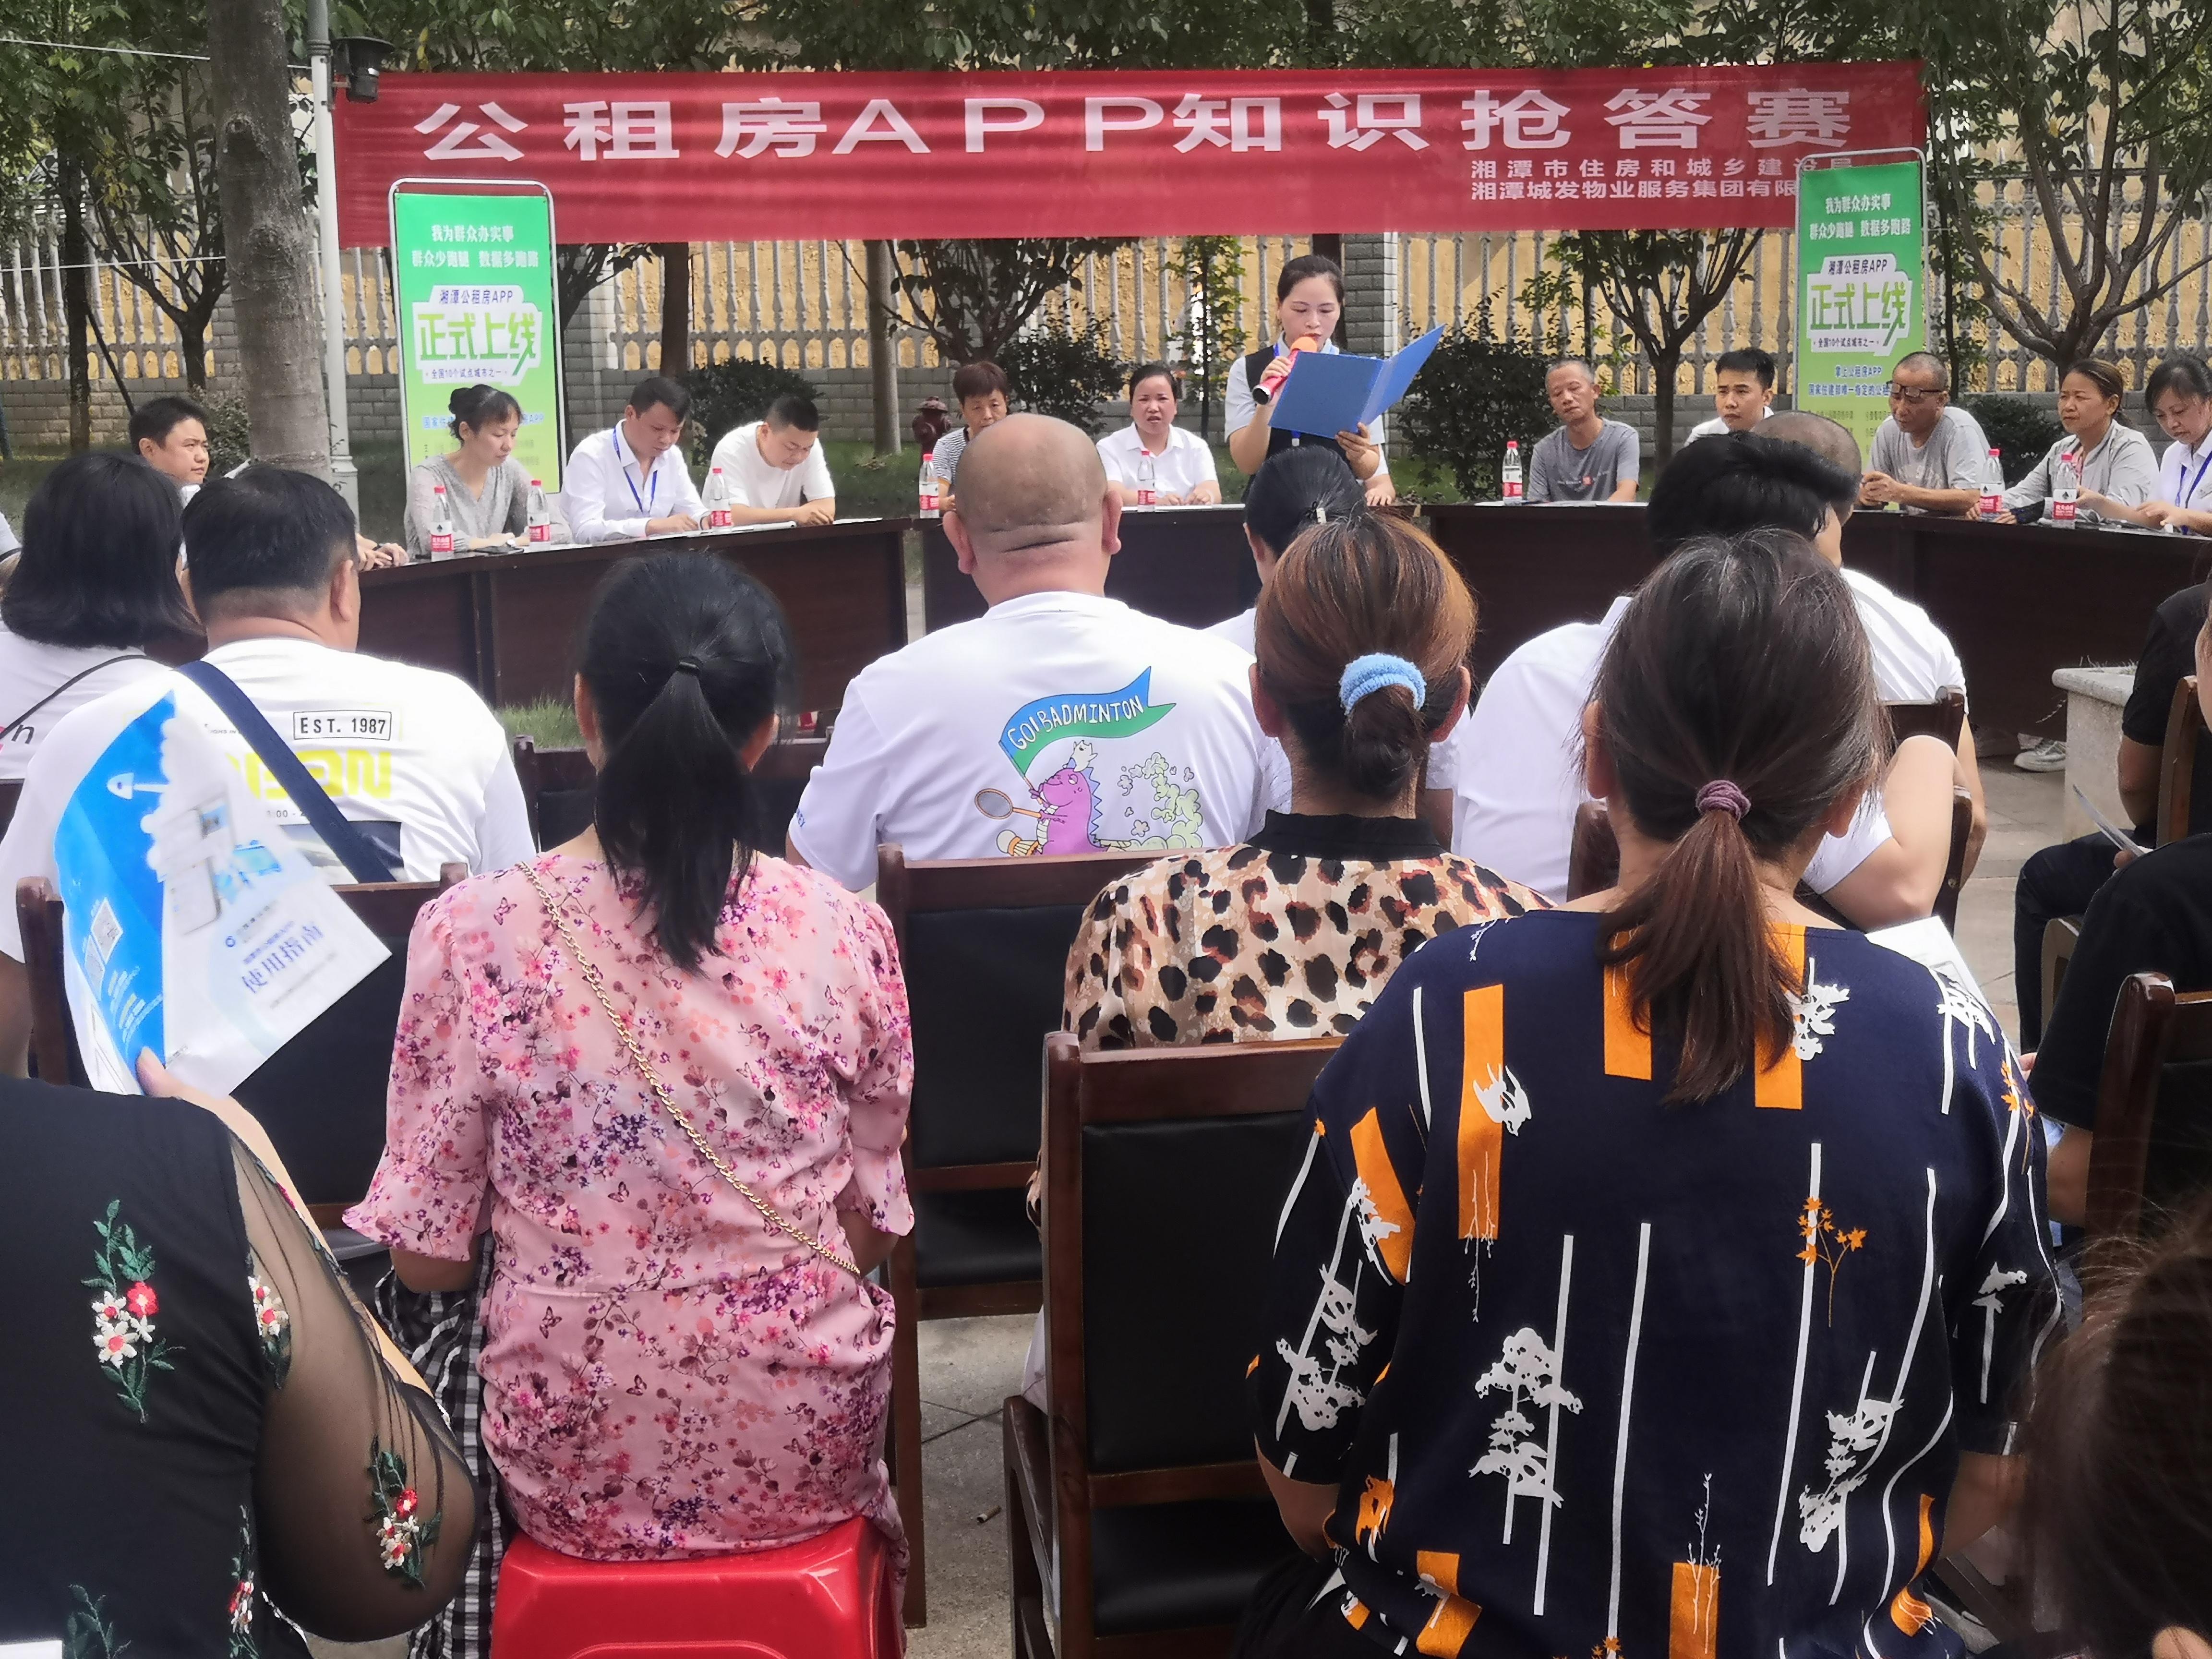 湘潭城发物业服务集团联合建设银行开展公租房APP知识竞赛